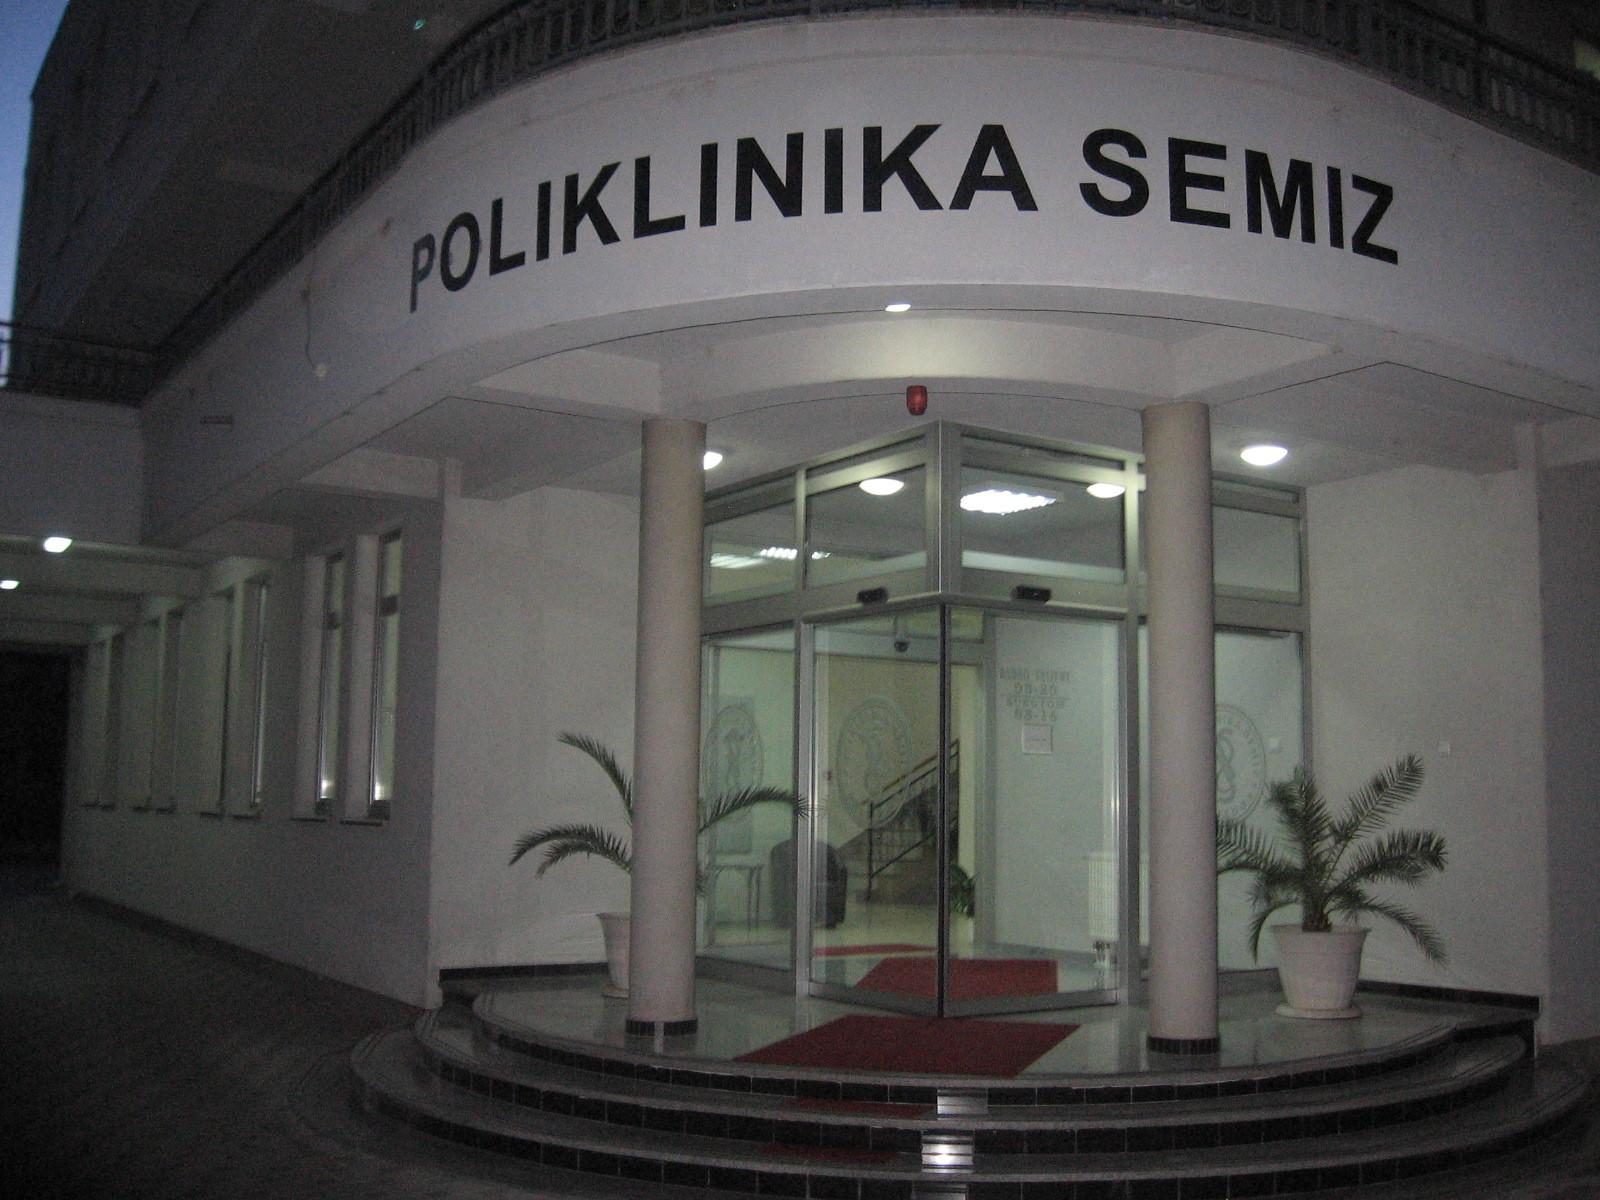 Poliklinika Semiz